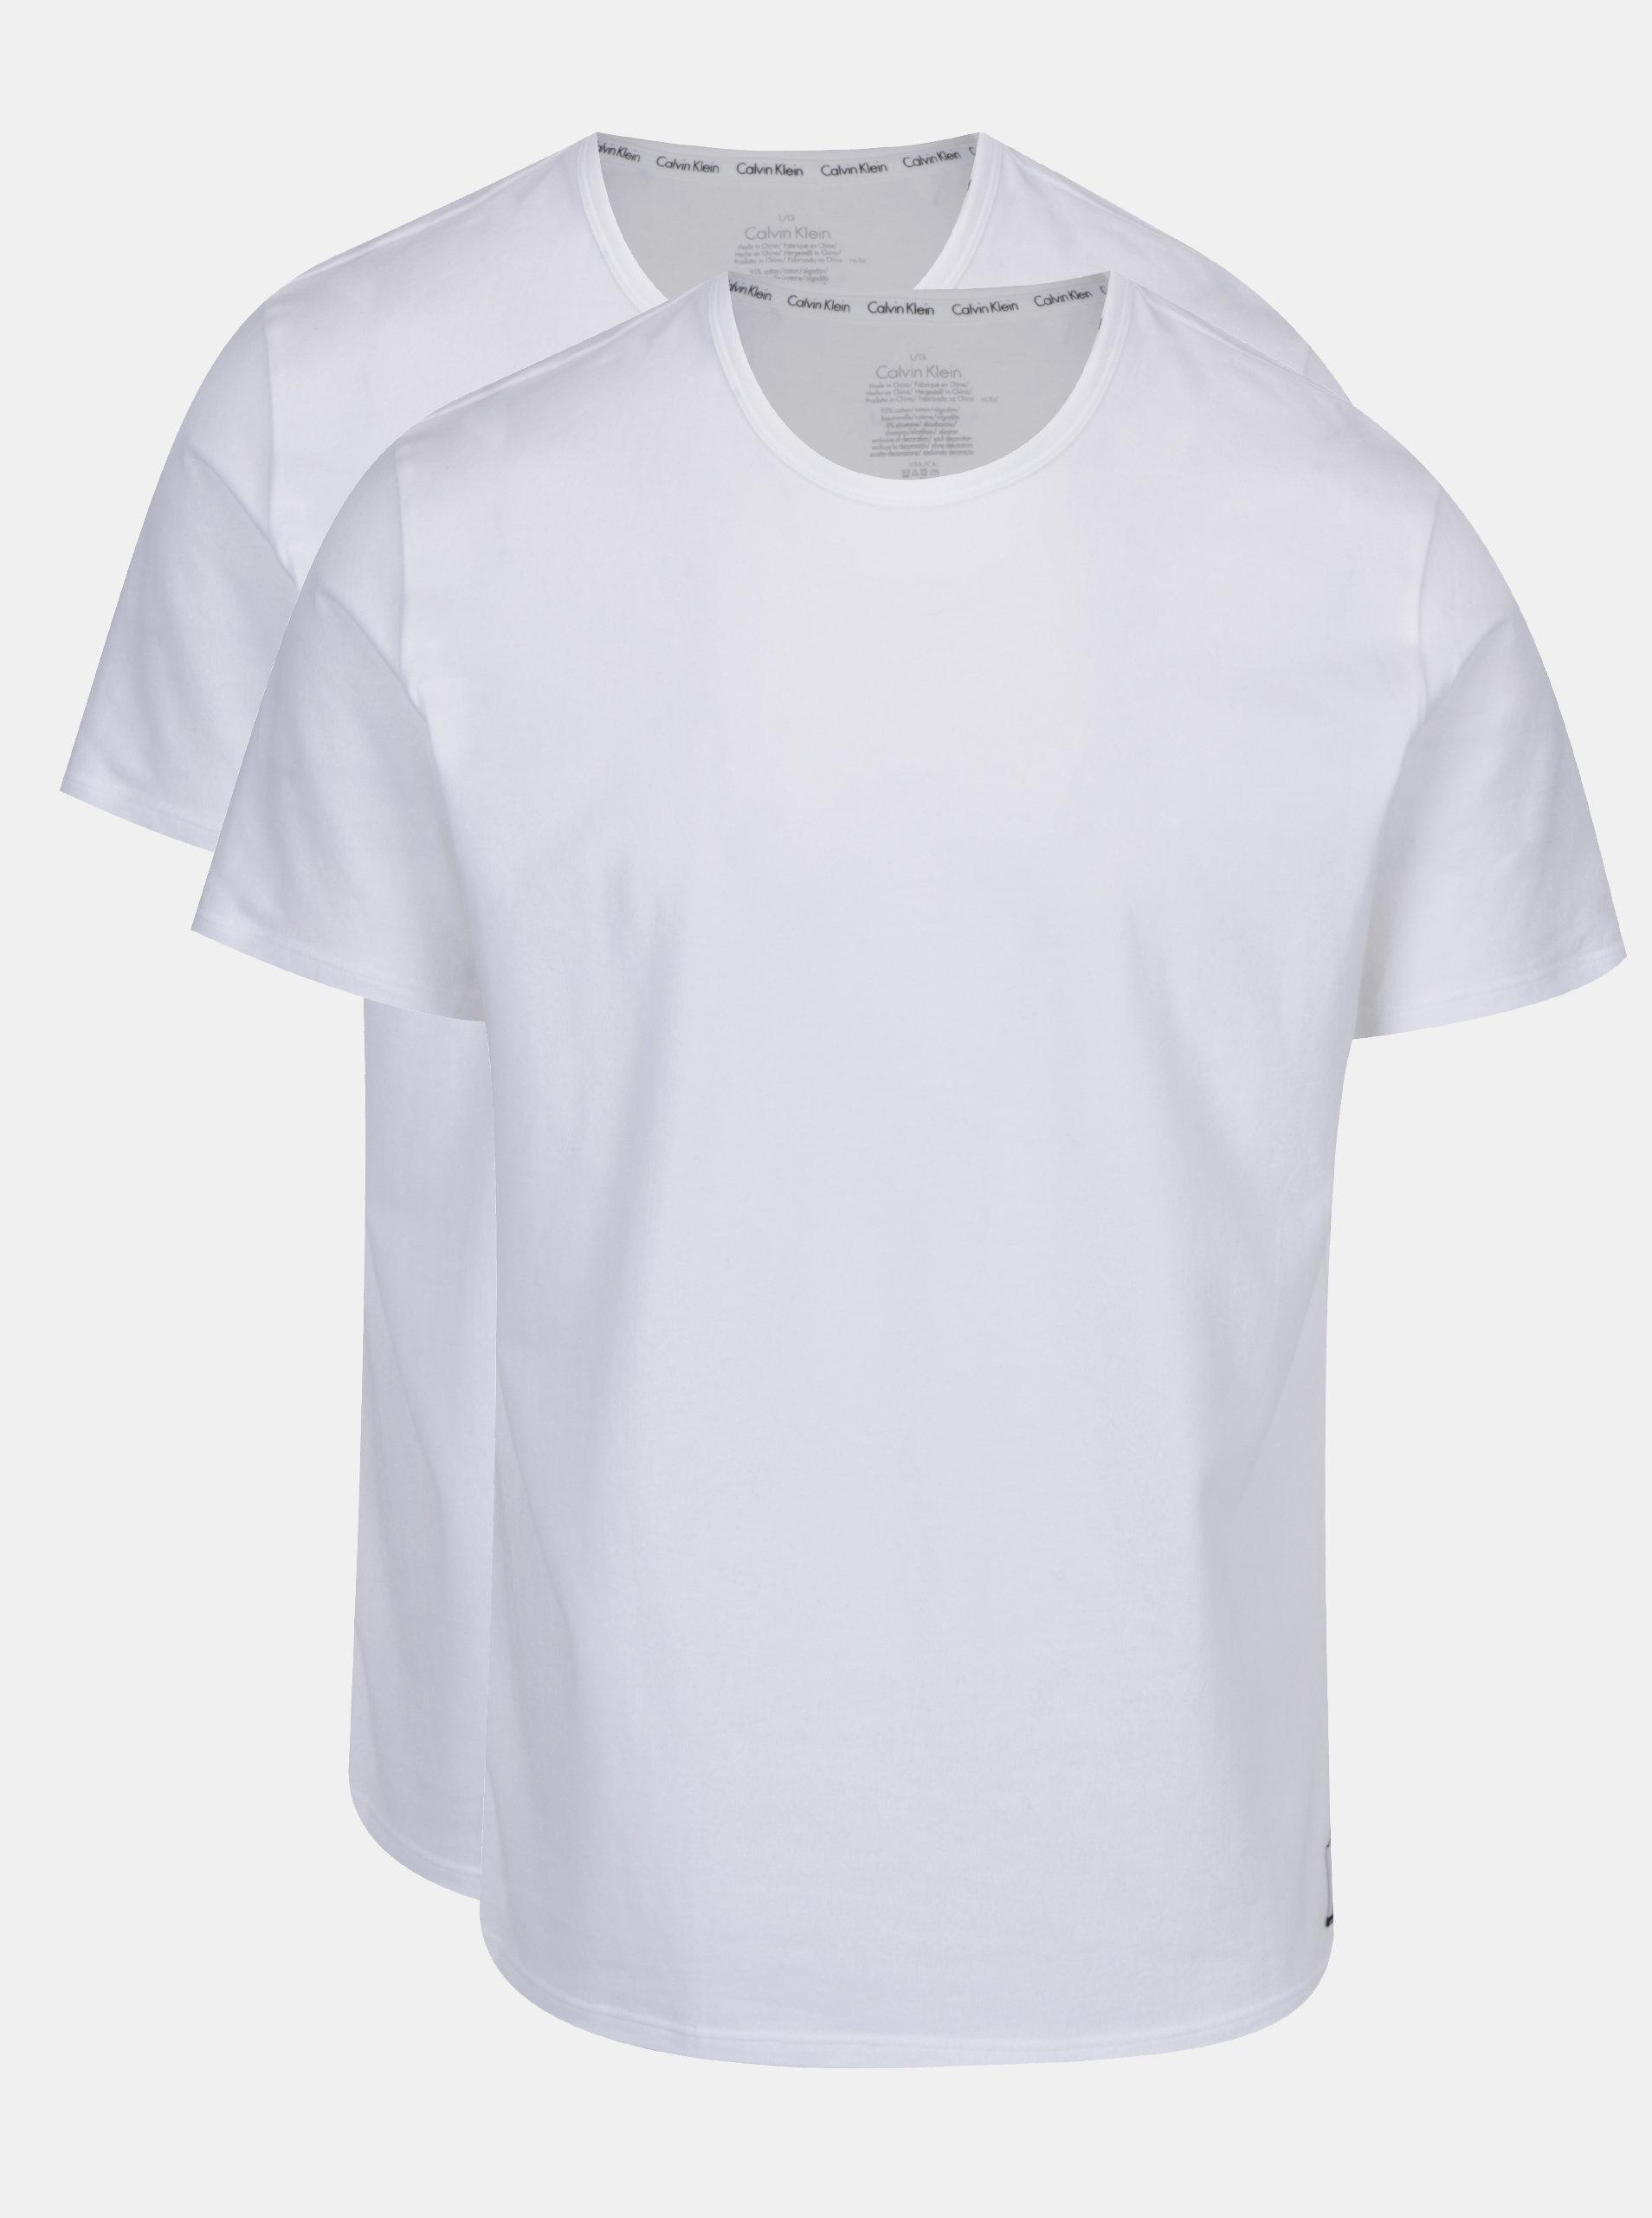 Sada dvou pánských bílých slim fit basic triček pod košili Calvin Klein  Underwear ... 004c926e1c